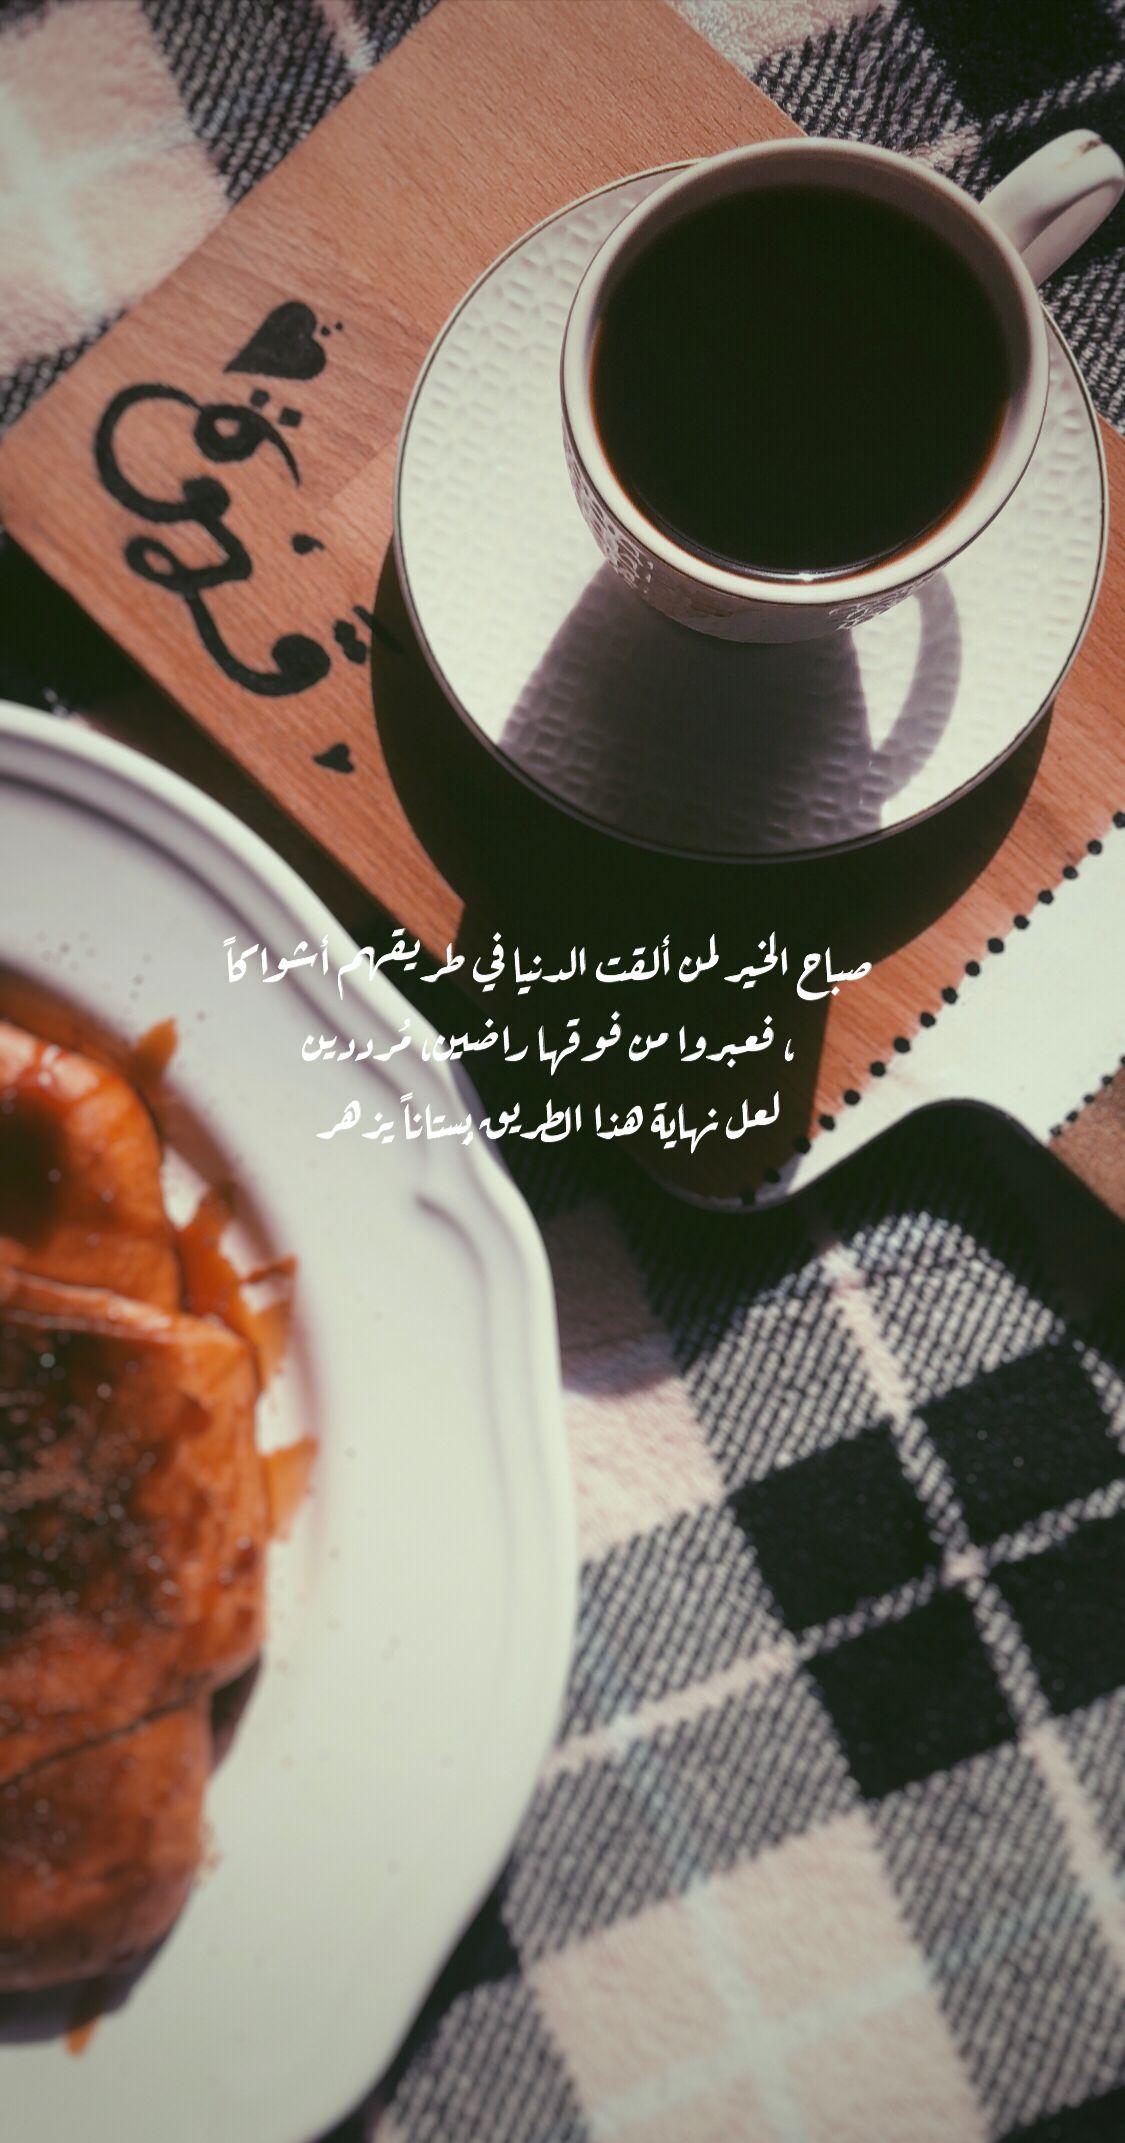 صباح الخير صباحيات القهوة قهوة رمزيات تصميم Coffee Photography Goodmorning Breakfast Beautiful Arabic Words Cover Photo Quotes Morning Qoutes